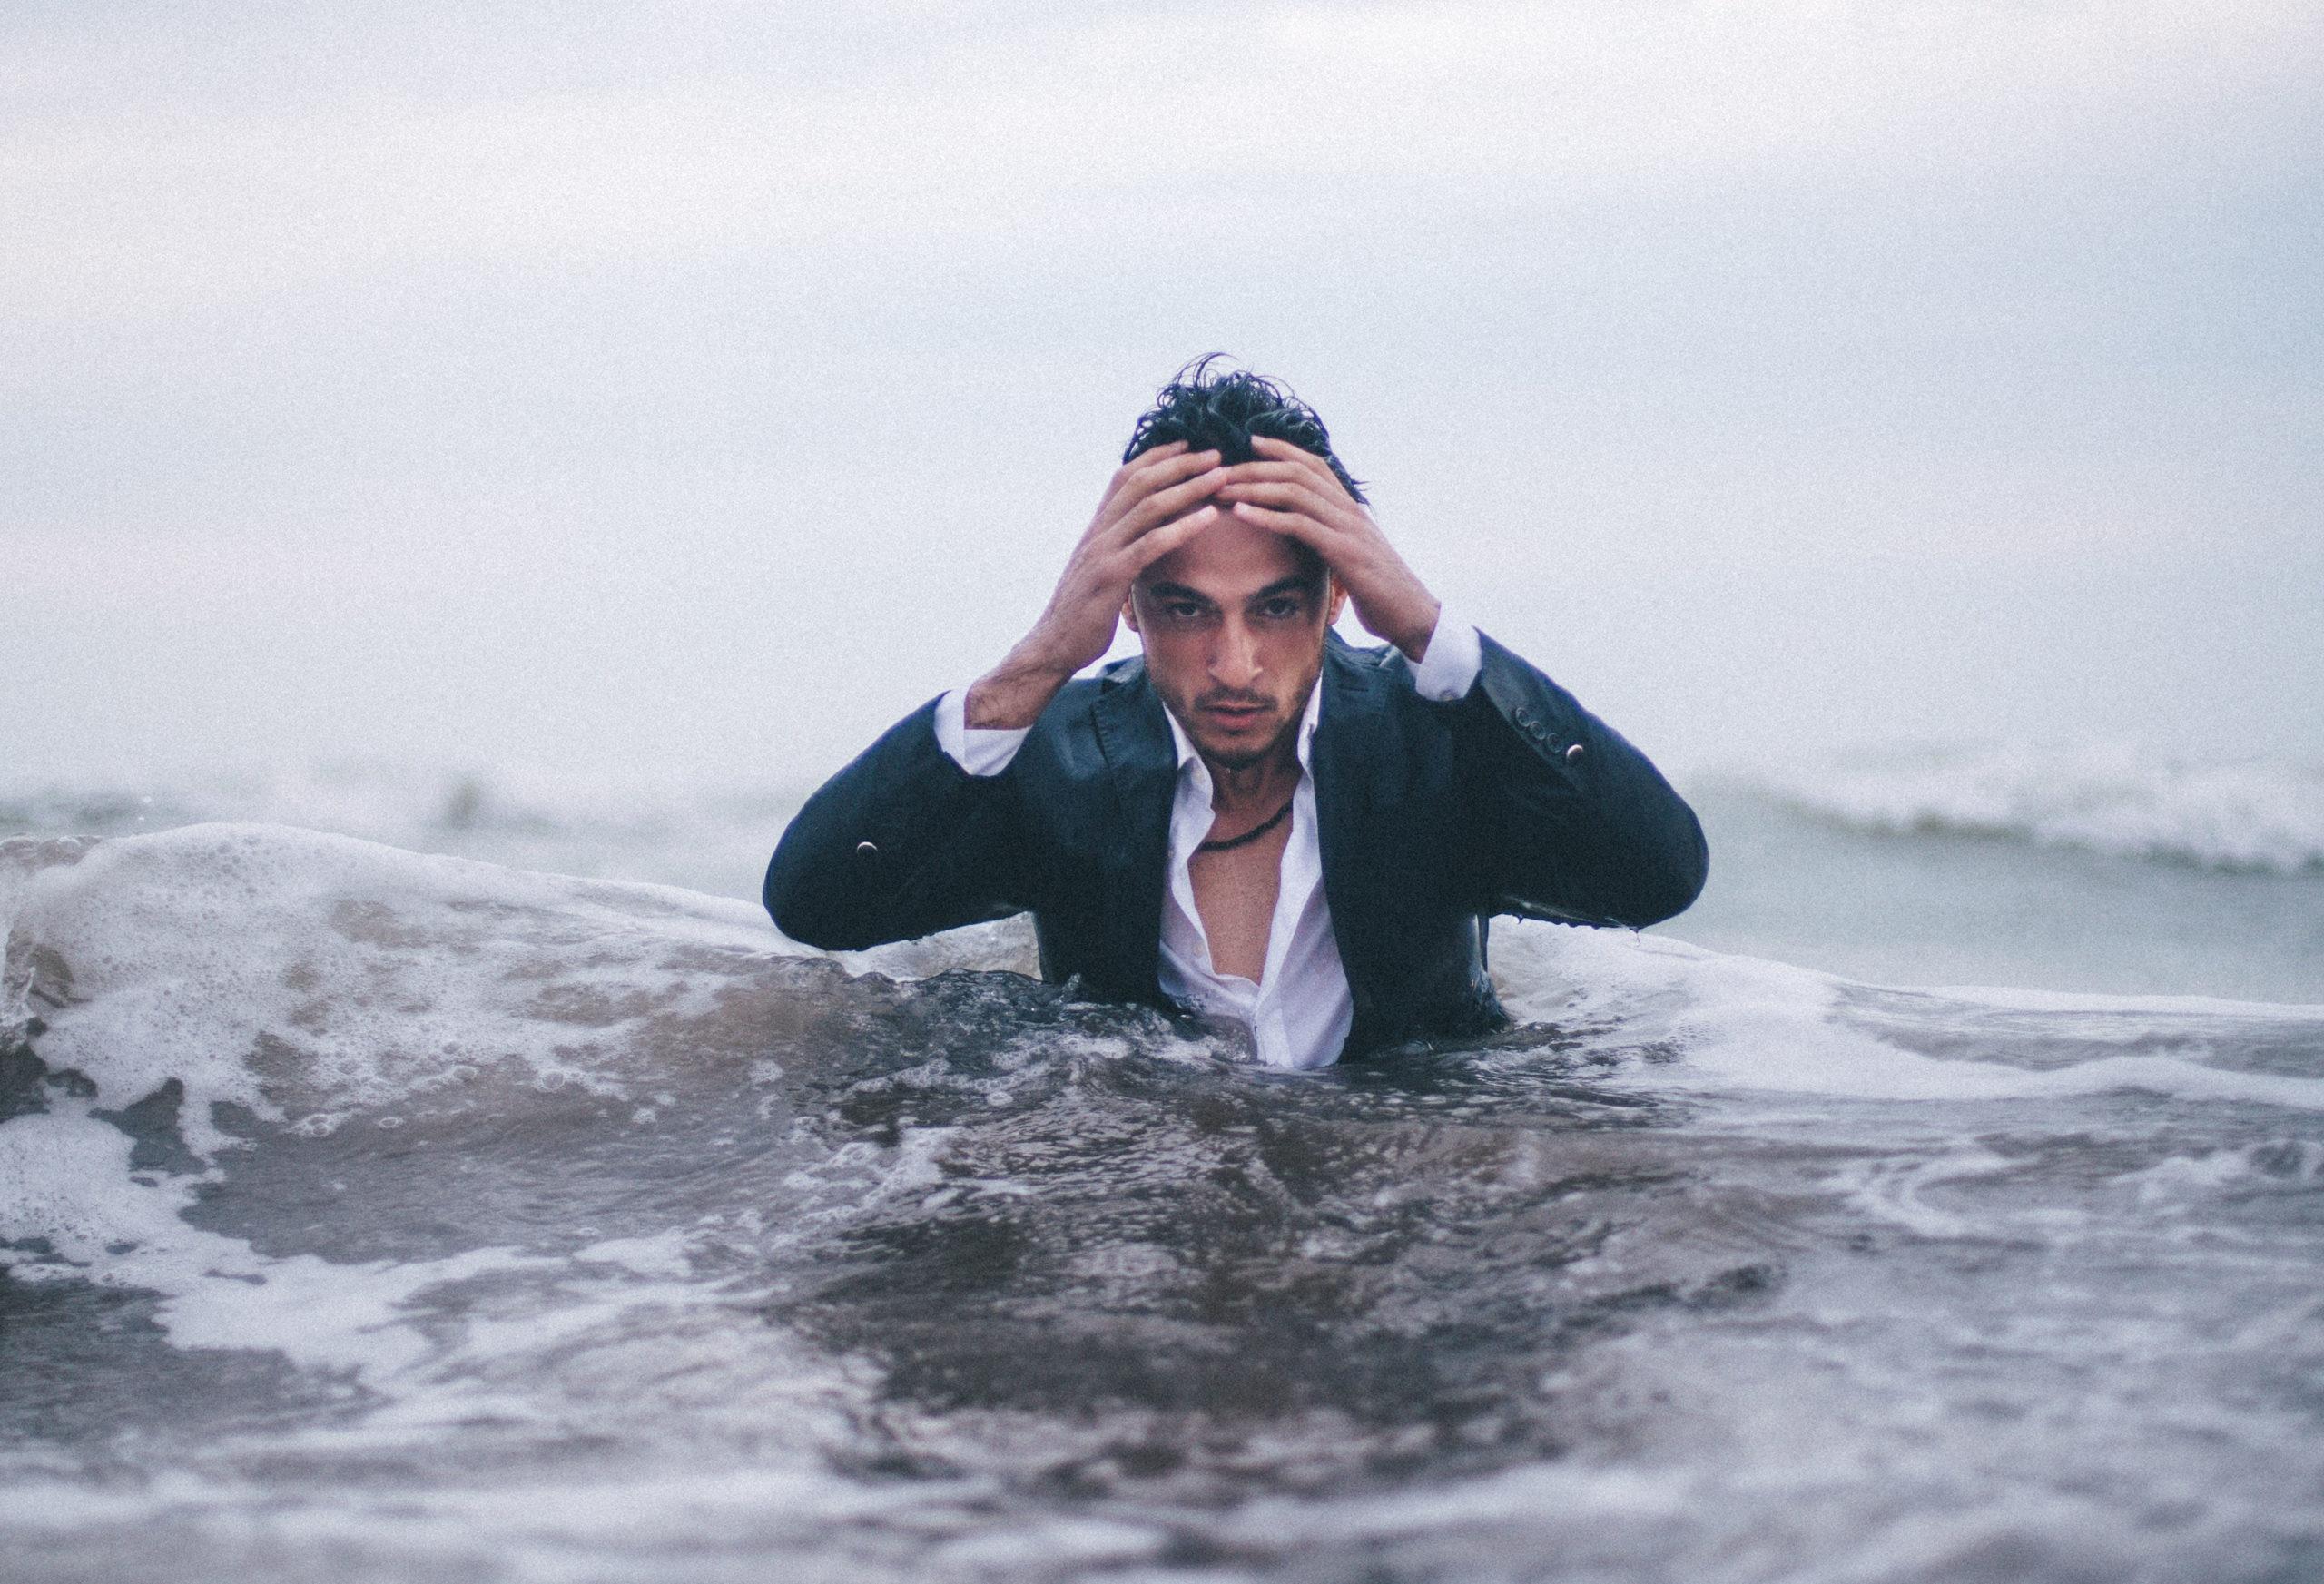 تصویر از افسردگی در مردان : چرا افسردگی در مردان کمتر شناخته شده است؟